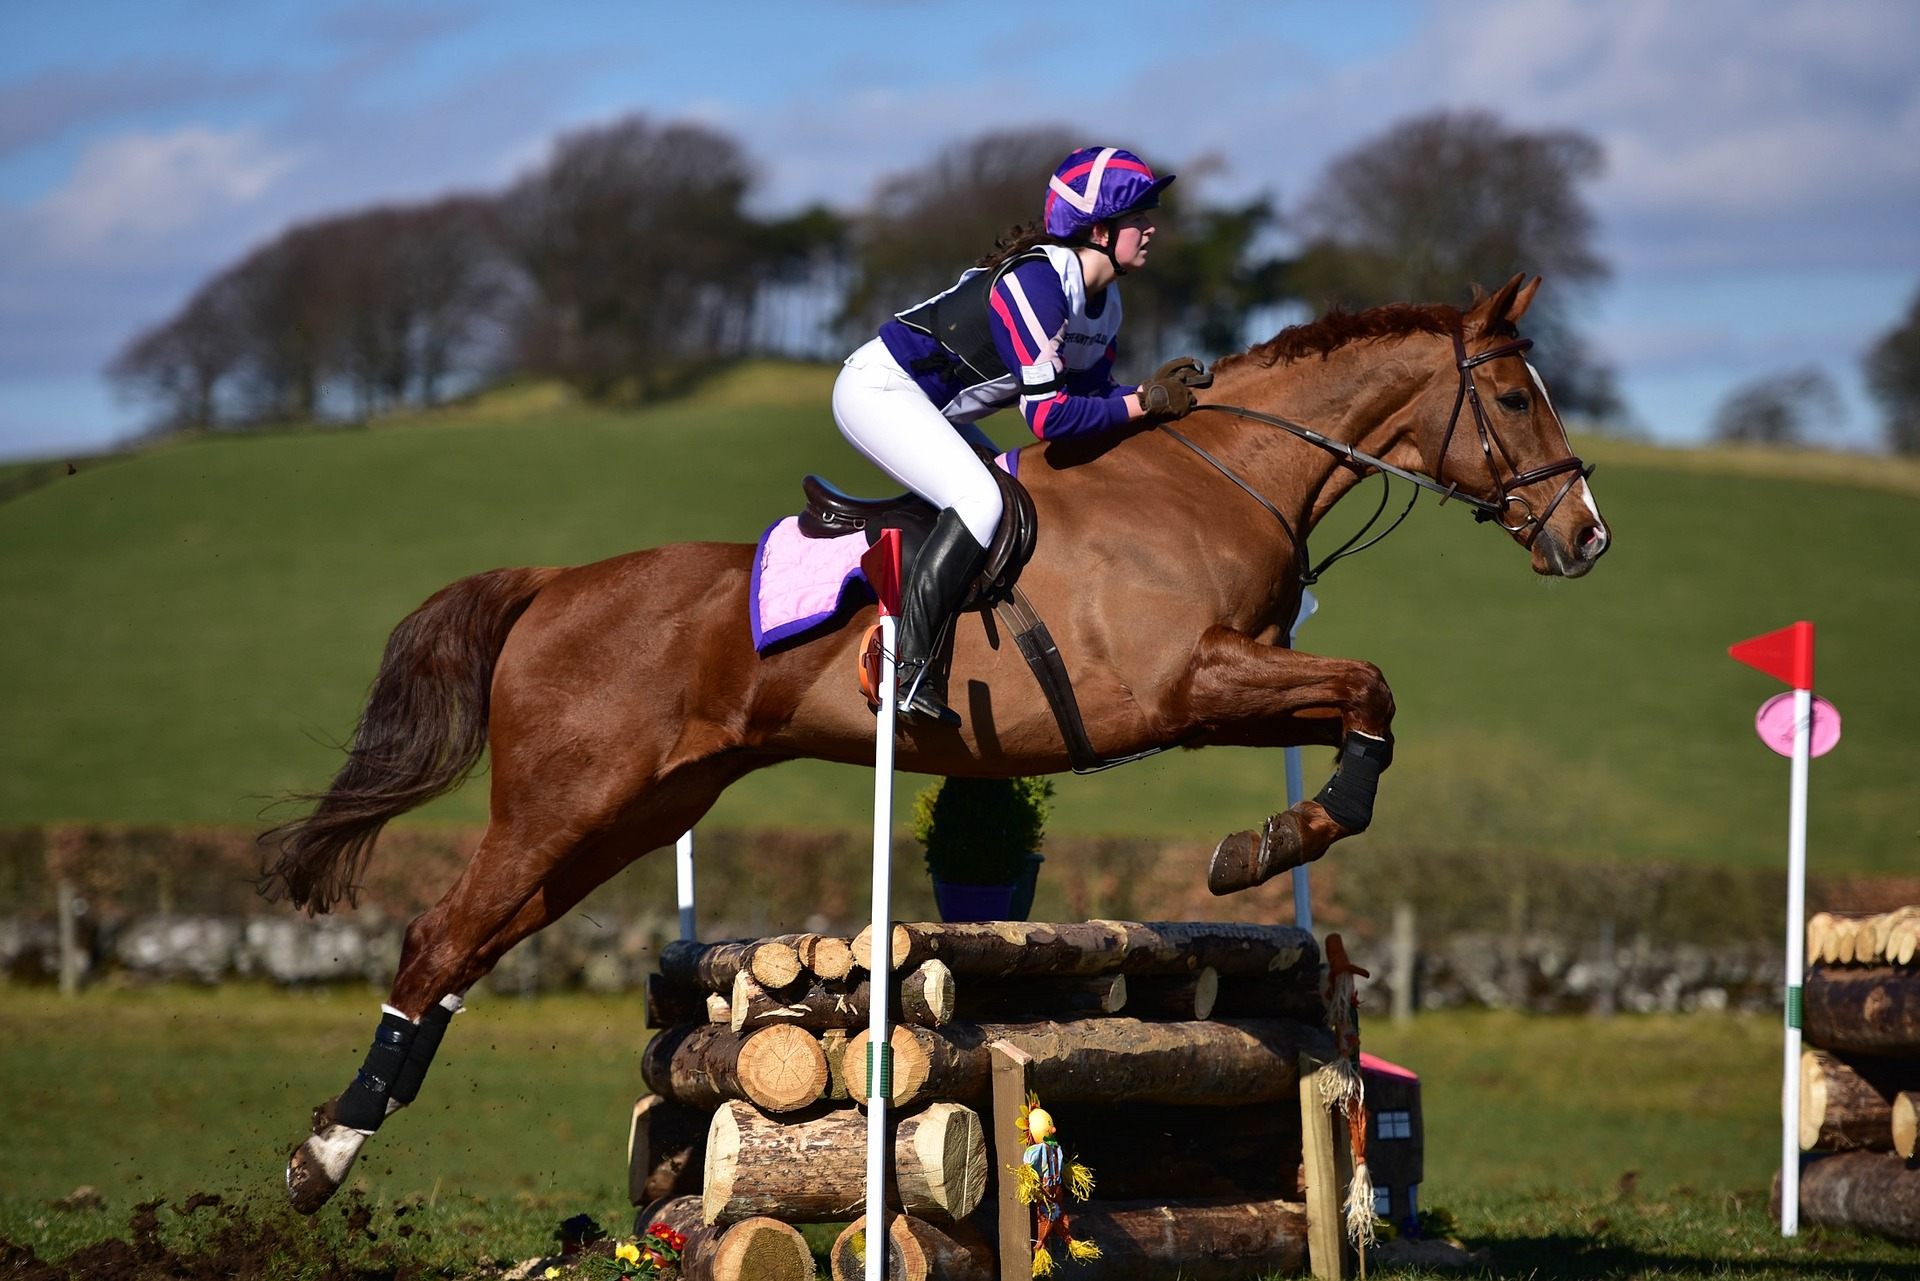 Êtes-vous un cavalier fait pour les disciplines équestres rapides et à risques  ?